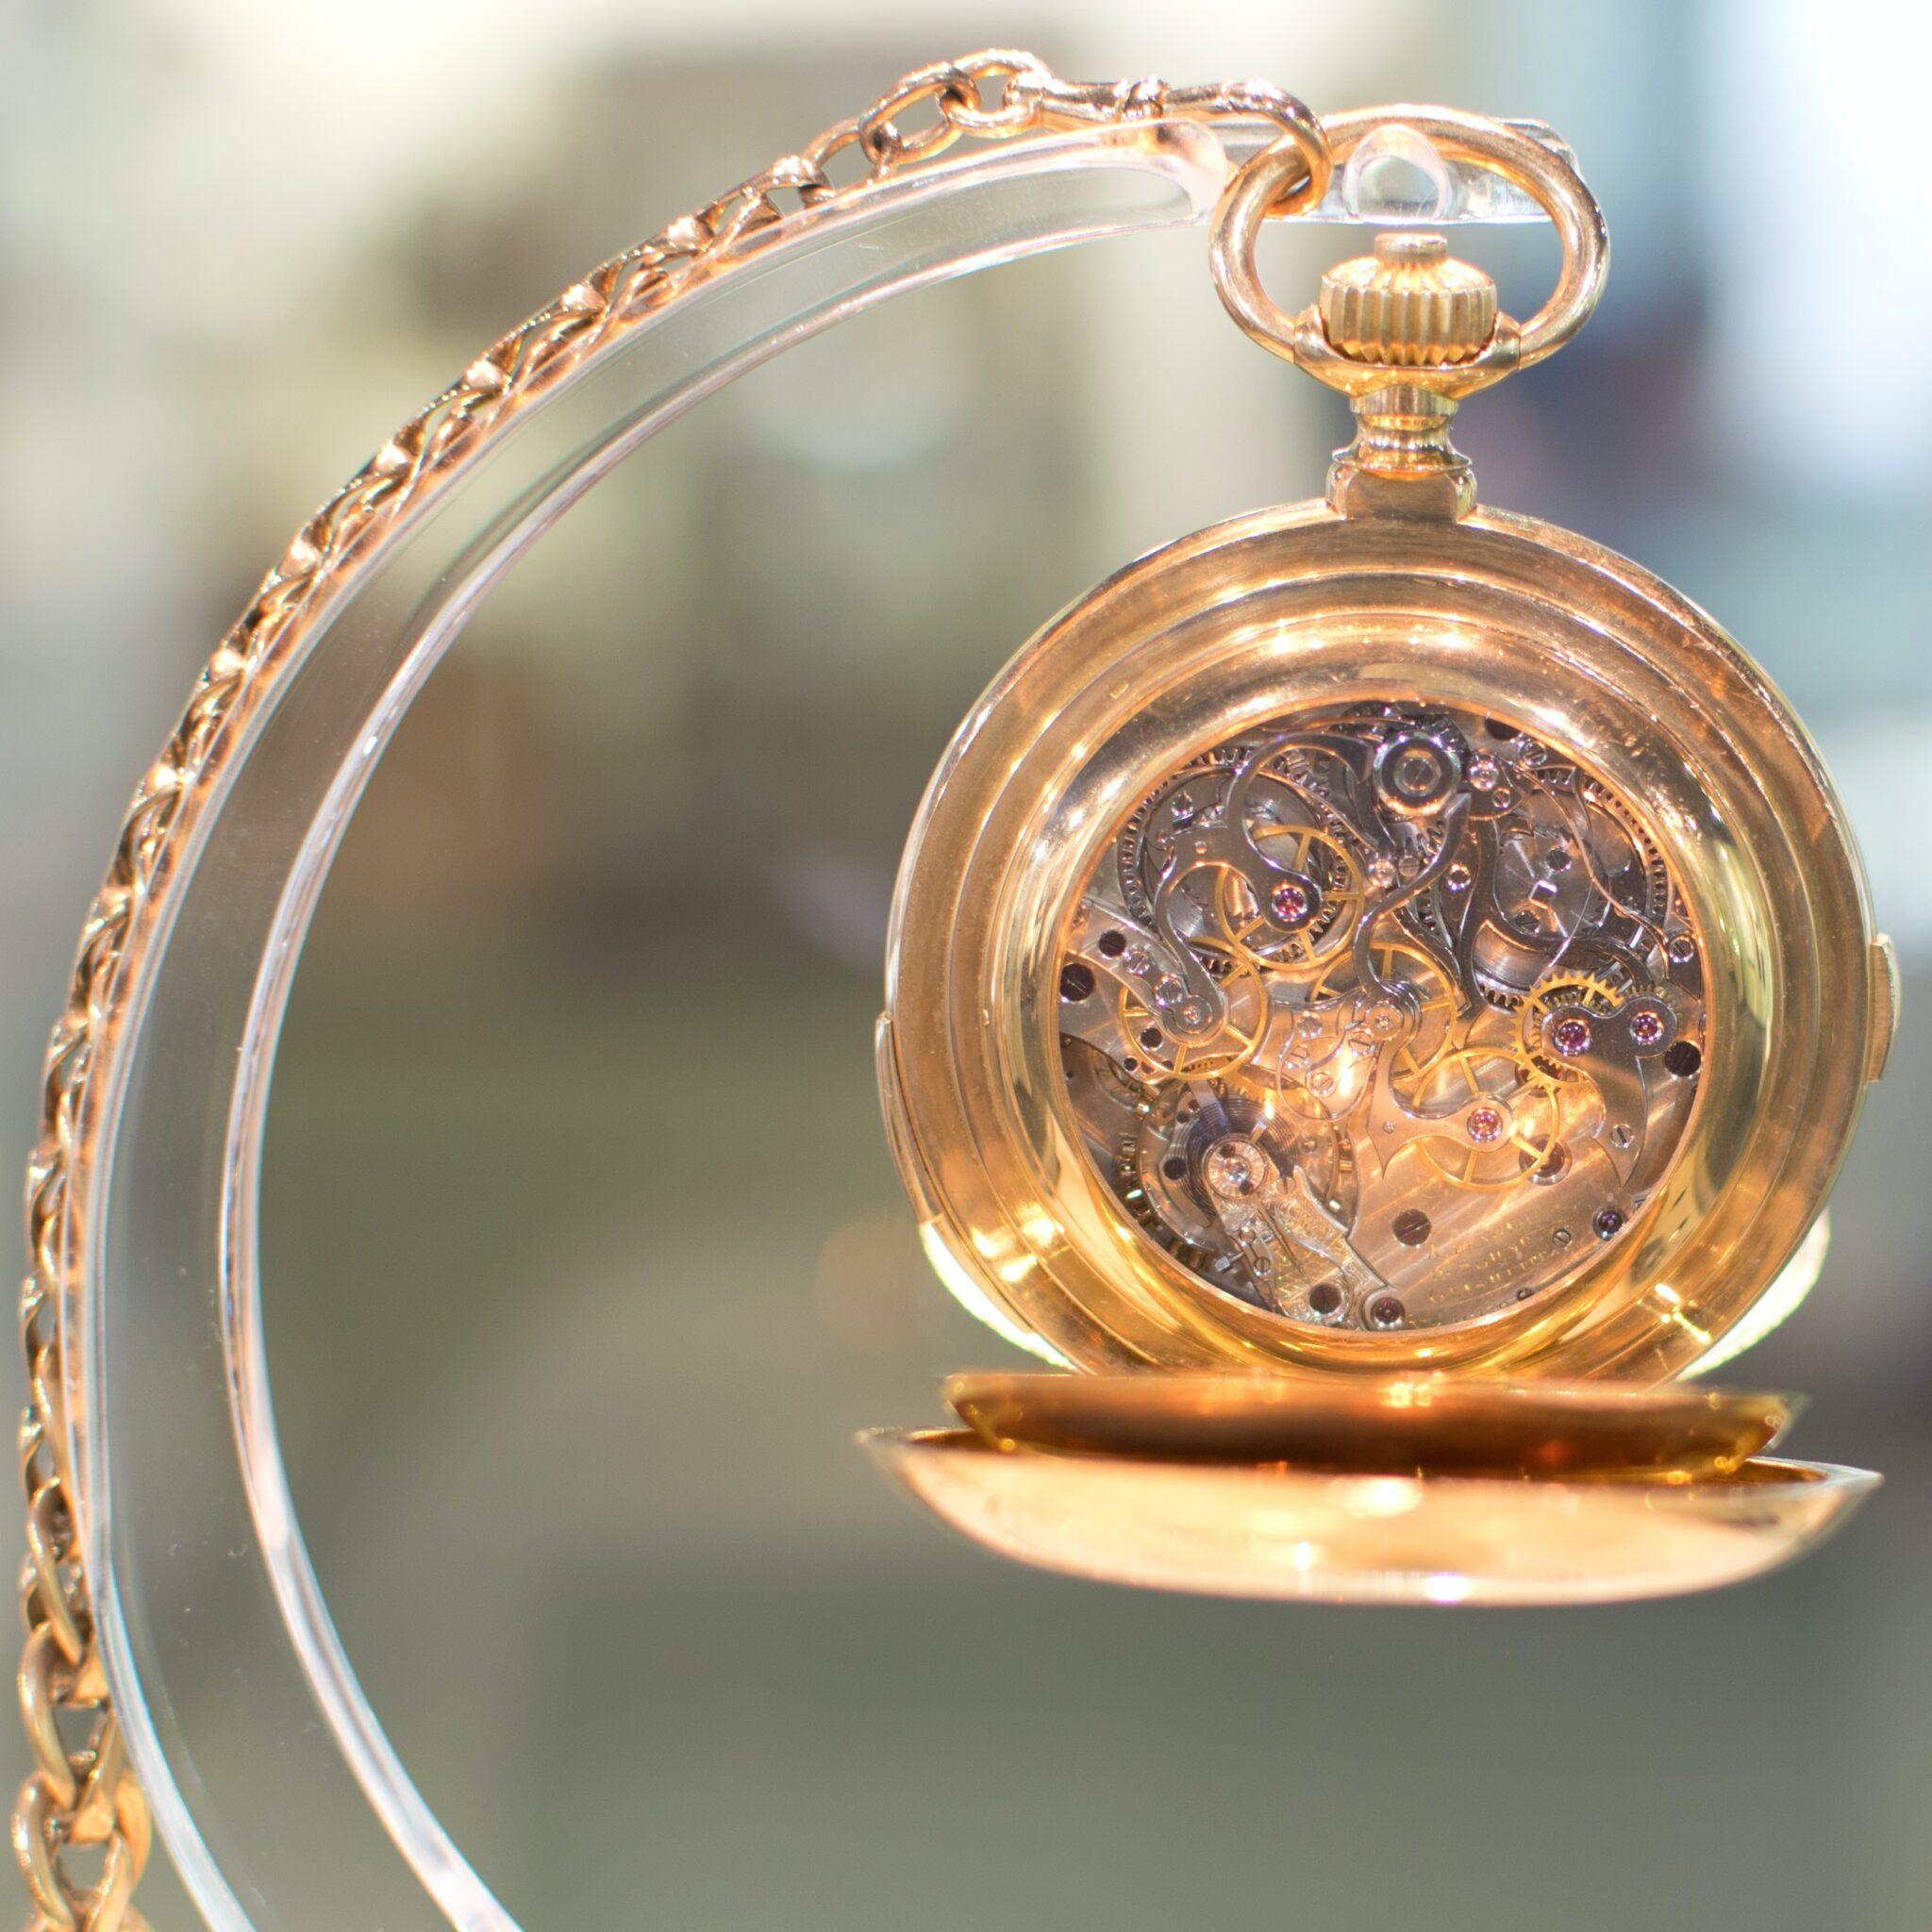 meccanismo di un orologio da taschino